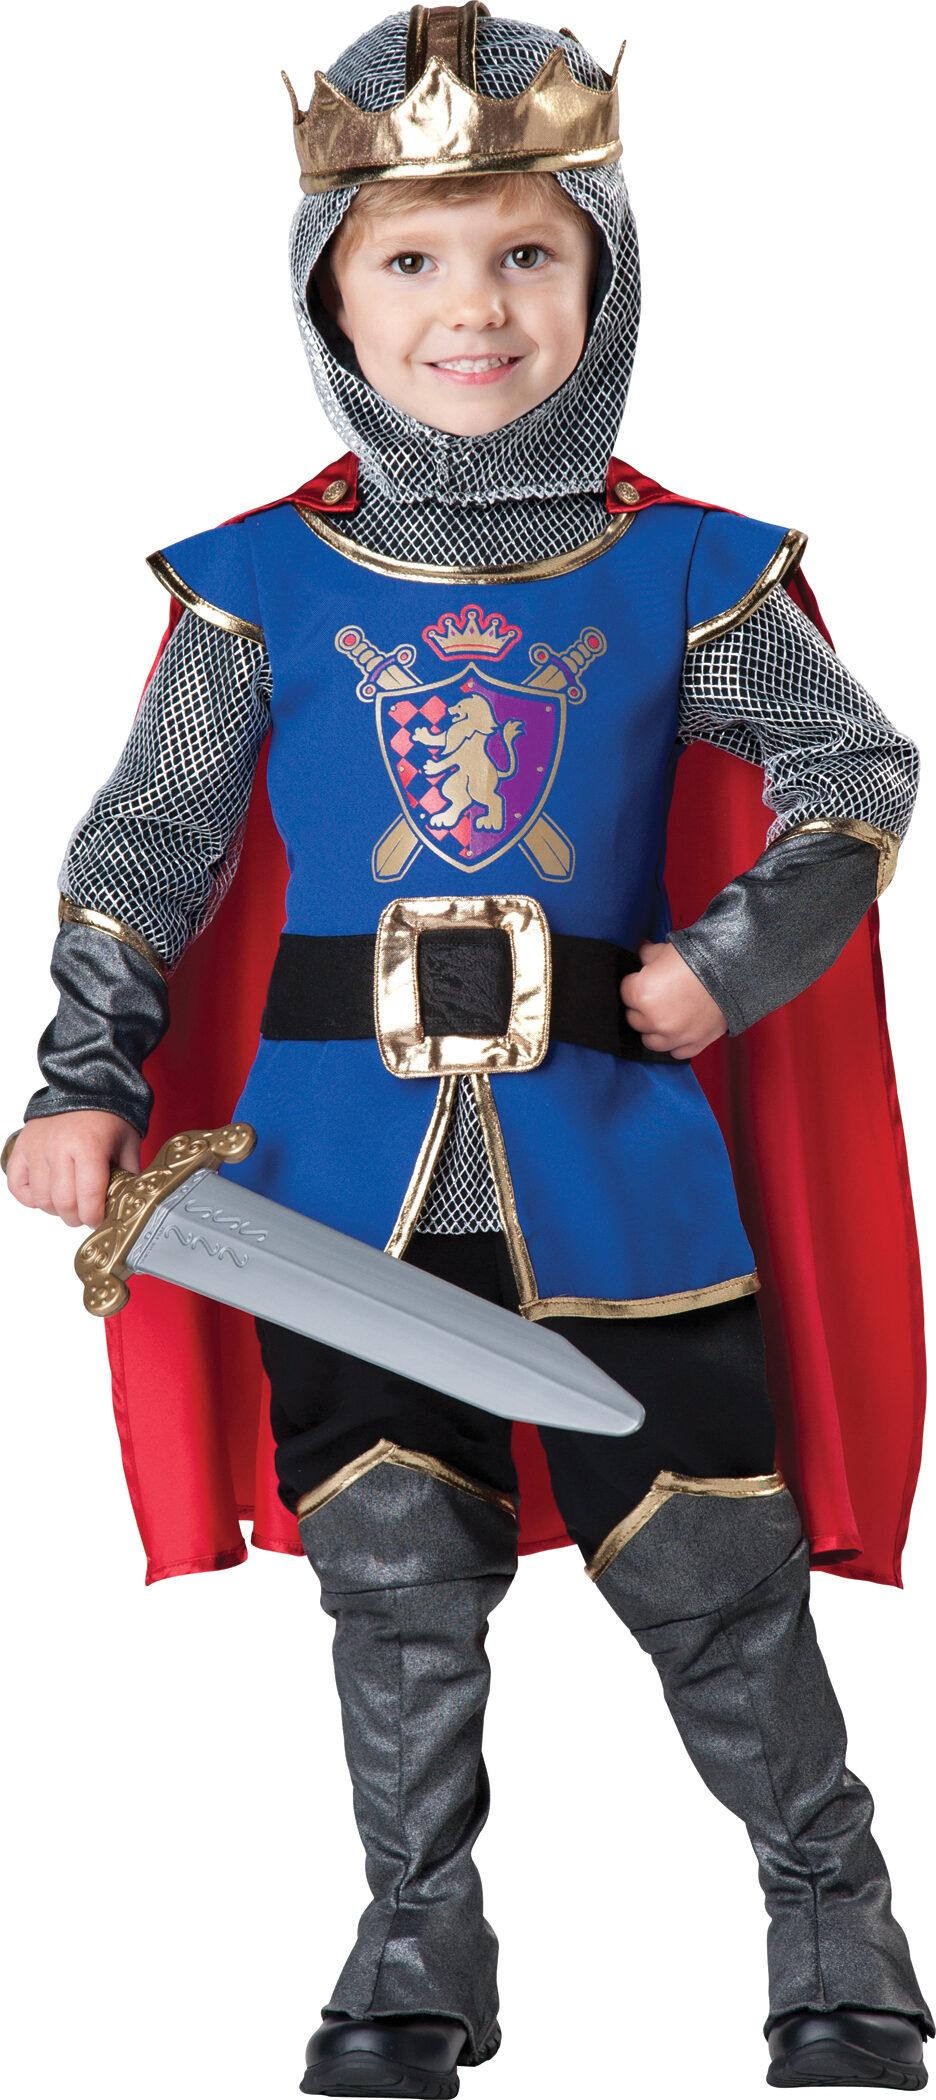 Костюм рыцаря для мальчика своими руками фото